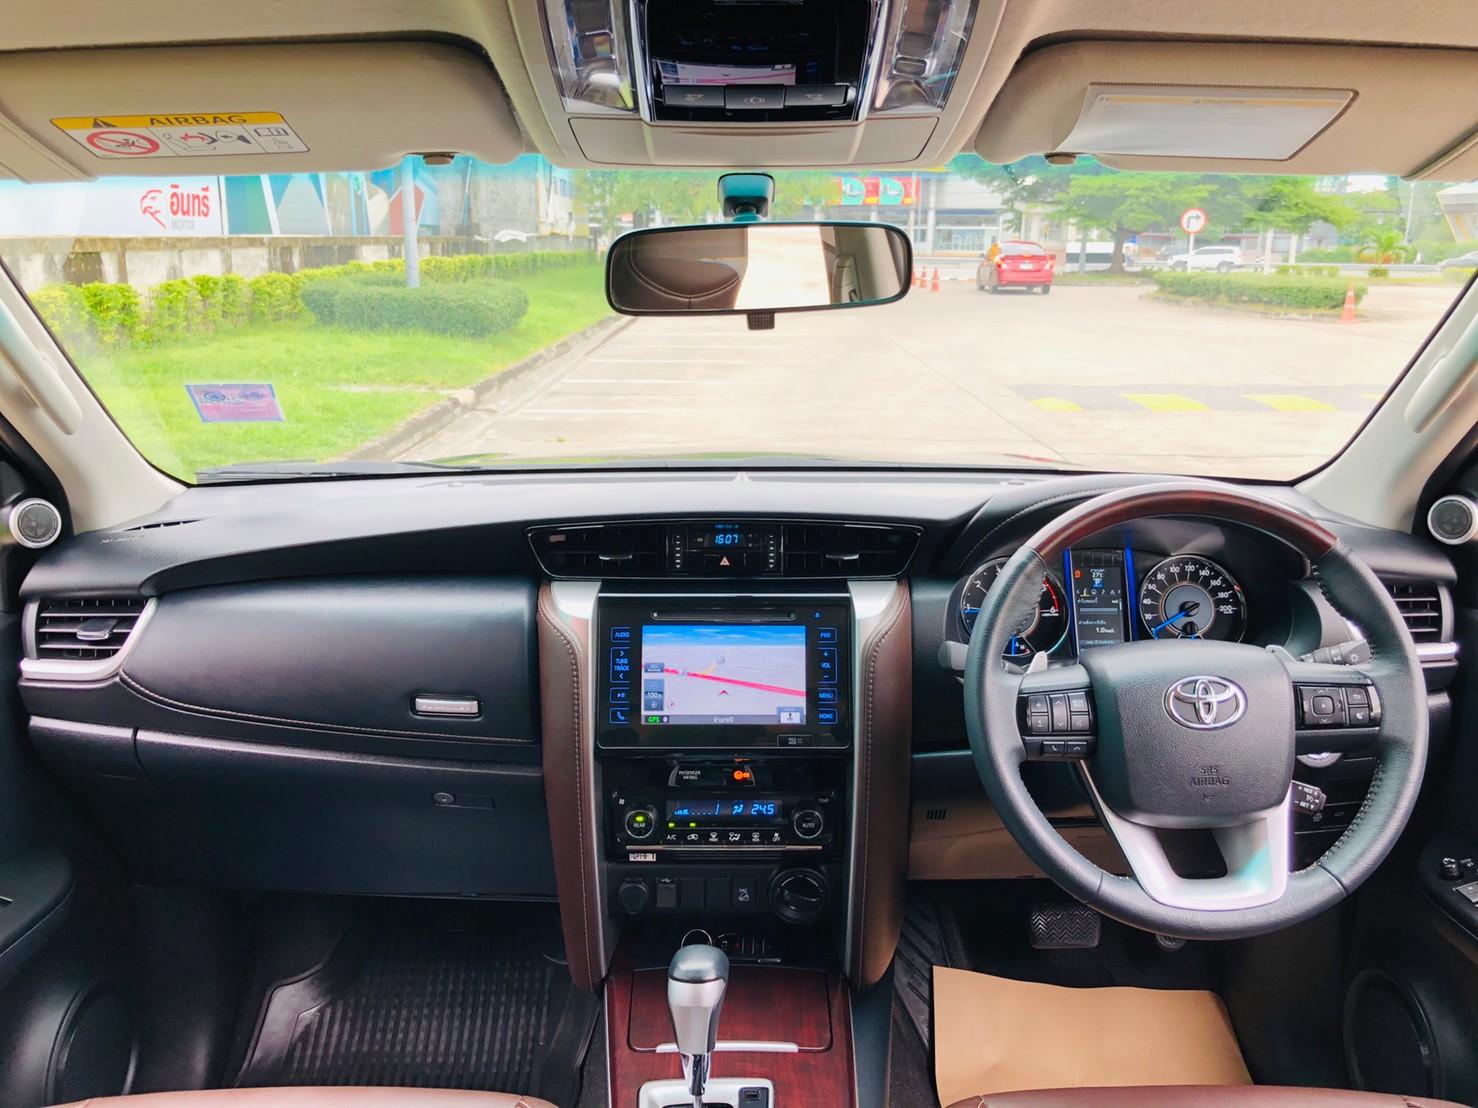 ภาพทรรศนวิศัย โตโยต้า ฟอร์จูนเนอร์ 2.4 V 4WD ปี 2018